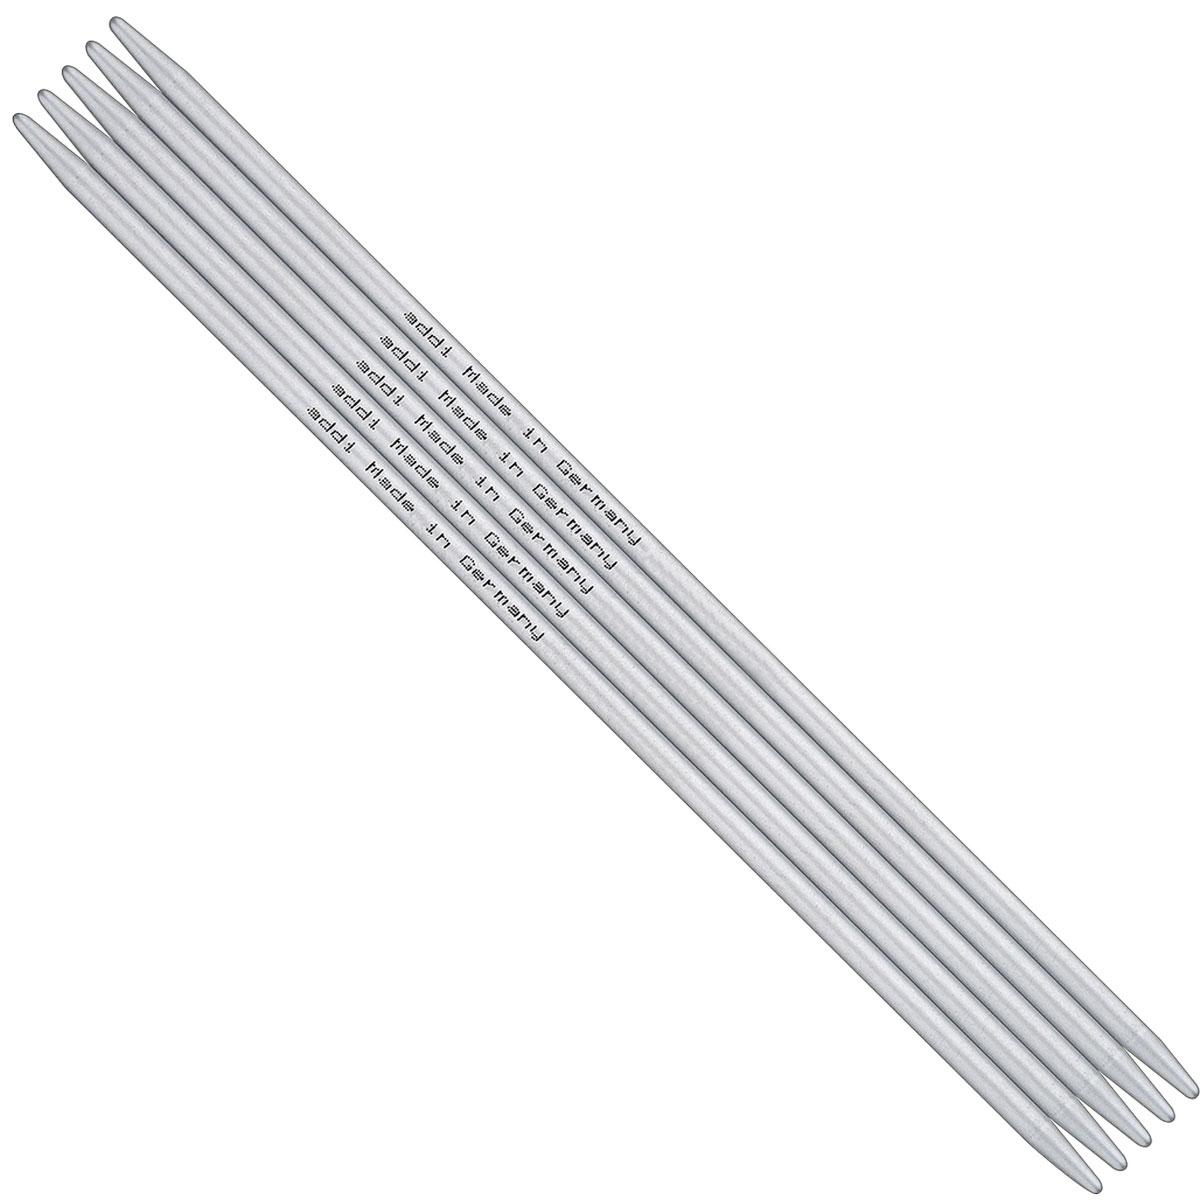 Спицы чулочные Addi, алюминиевые, диаметр 2,5 мм, длина 10 см, 5 шт201-7/2.5-10Чулочные спицы для вязания Addi, изготовленные из алюминия, не имеют ограничителей и предназначены для вязания бейки горловины, чулок, шапочек, варежек и носков. Спицы прочные, легкие, гладкие и удобные в использовании. Спицы обладают прекрасными тактильными качествами и благородным серебристо-матовым цветом. Уникальный стук при вязании радует слух. За счет гладкой поверхности работать с ними легко и удобно. На саму спицу нанесен размер, длина и надпись: Made in Germany. Вы сможете вязать для себя и делать подарки друзьям. Рукоделие всегда считалось изысканным, благородным делом. Работа, сделанная своими руками, долго будет радовать вас и ваших близких.